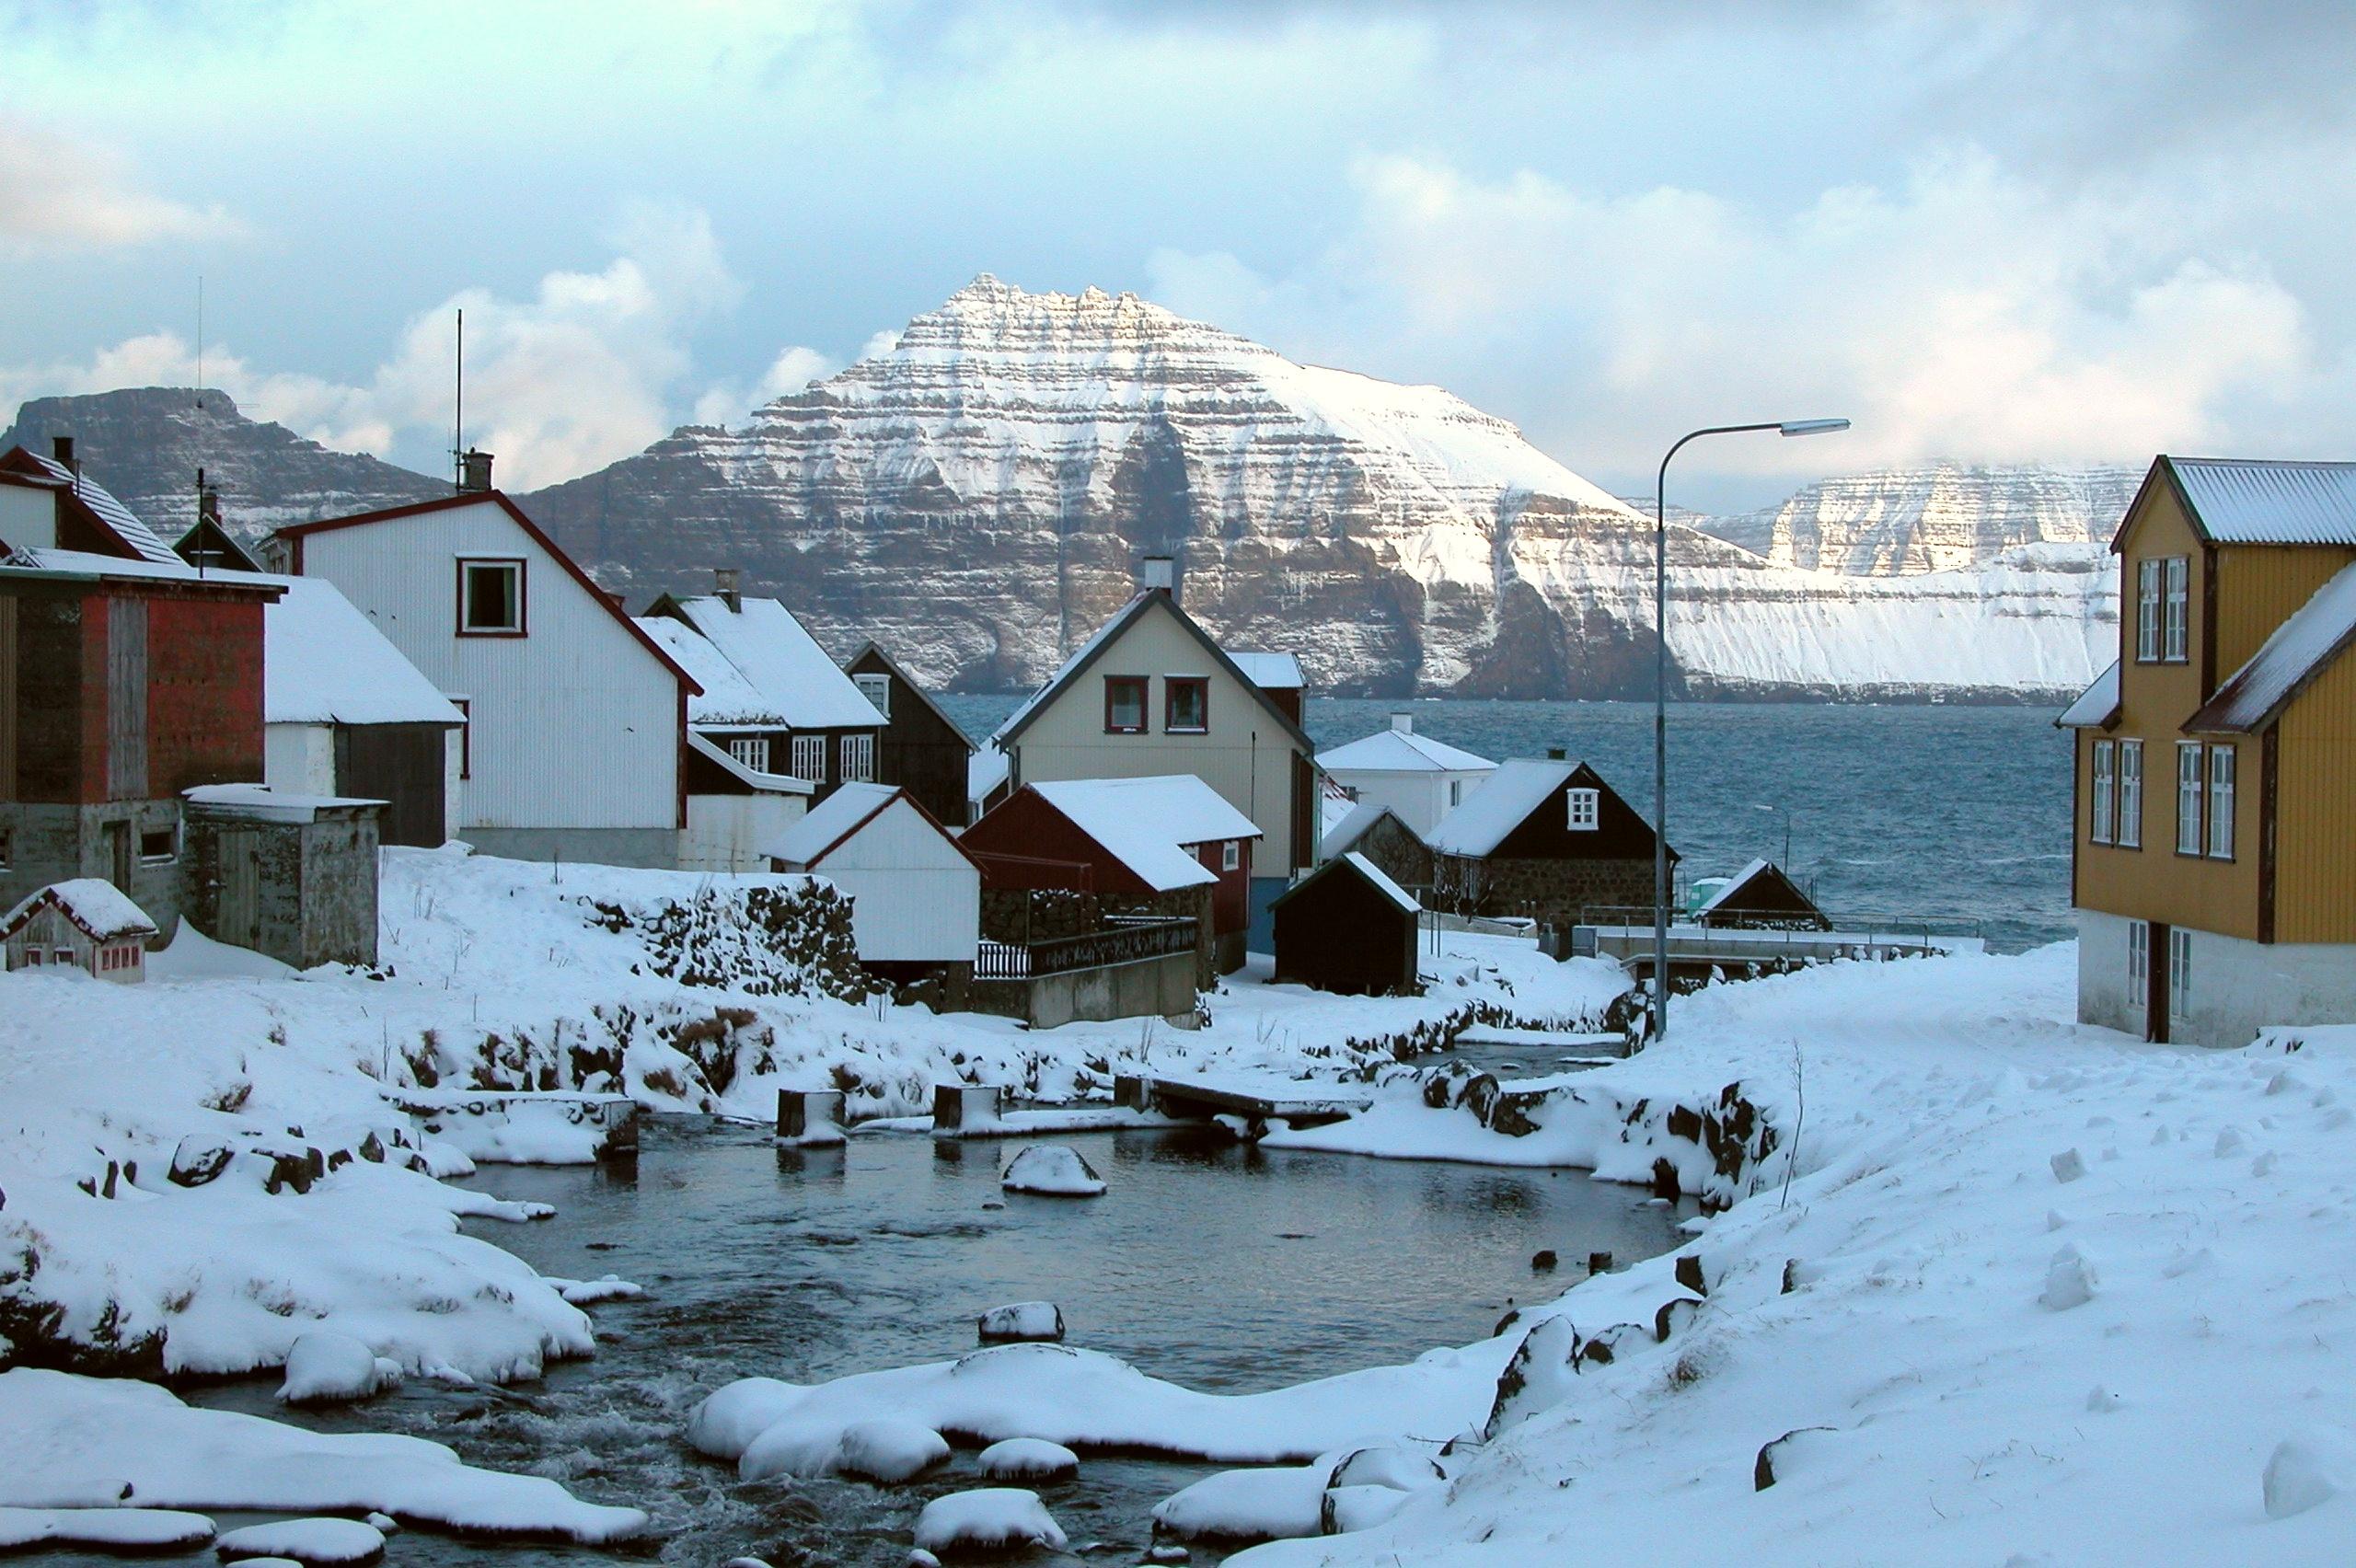 Winter at Gjógv in Eysturoy, Faroe Islands. Photo taken in January 2004.